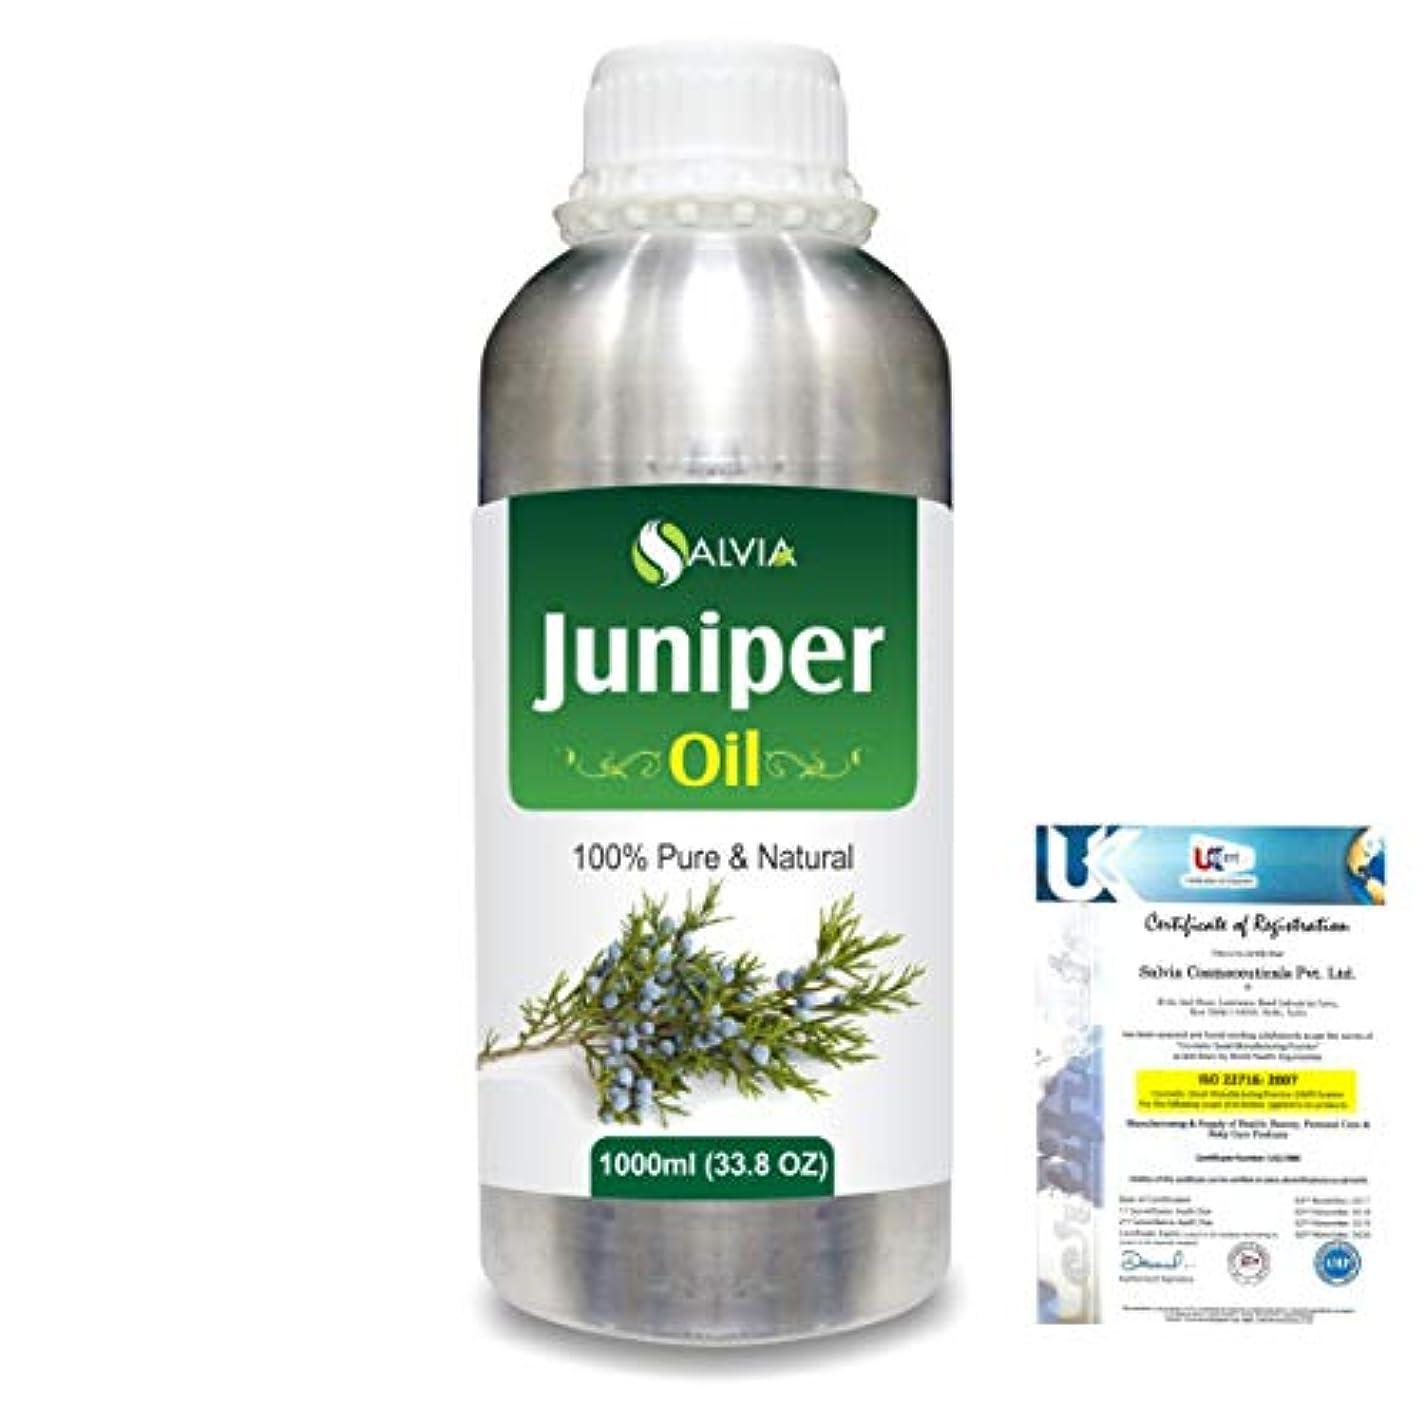 ヤング状態明るくするJuniper (Juniperus communis) 100% Natural Pure Essential Oil 1000ml/33.8fl.oz.